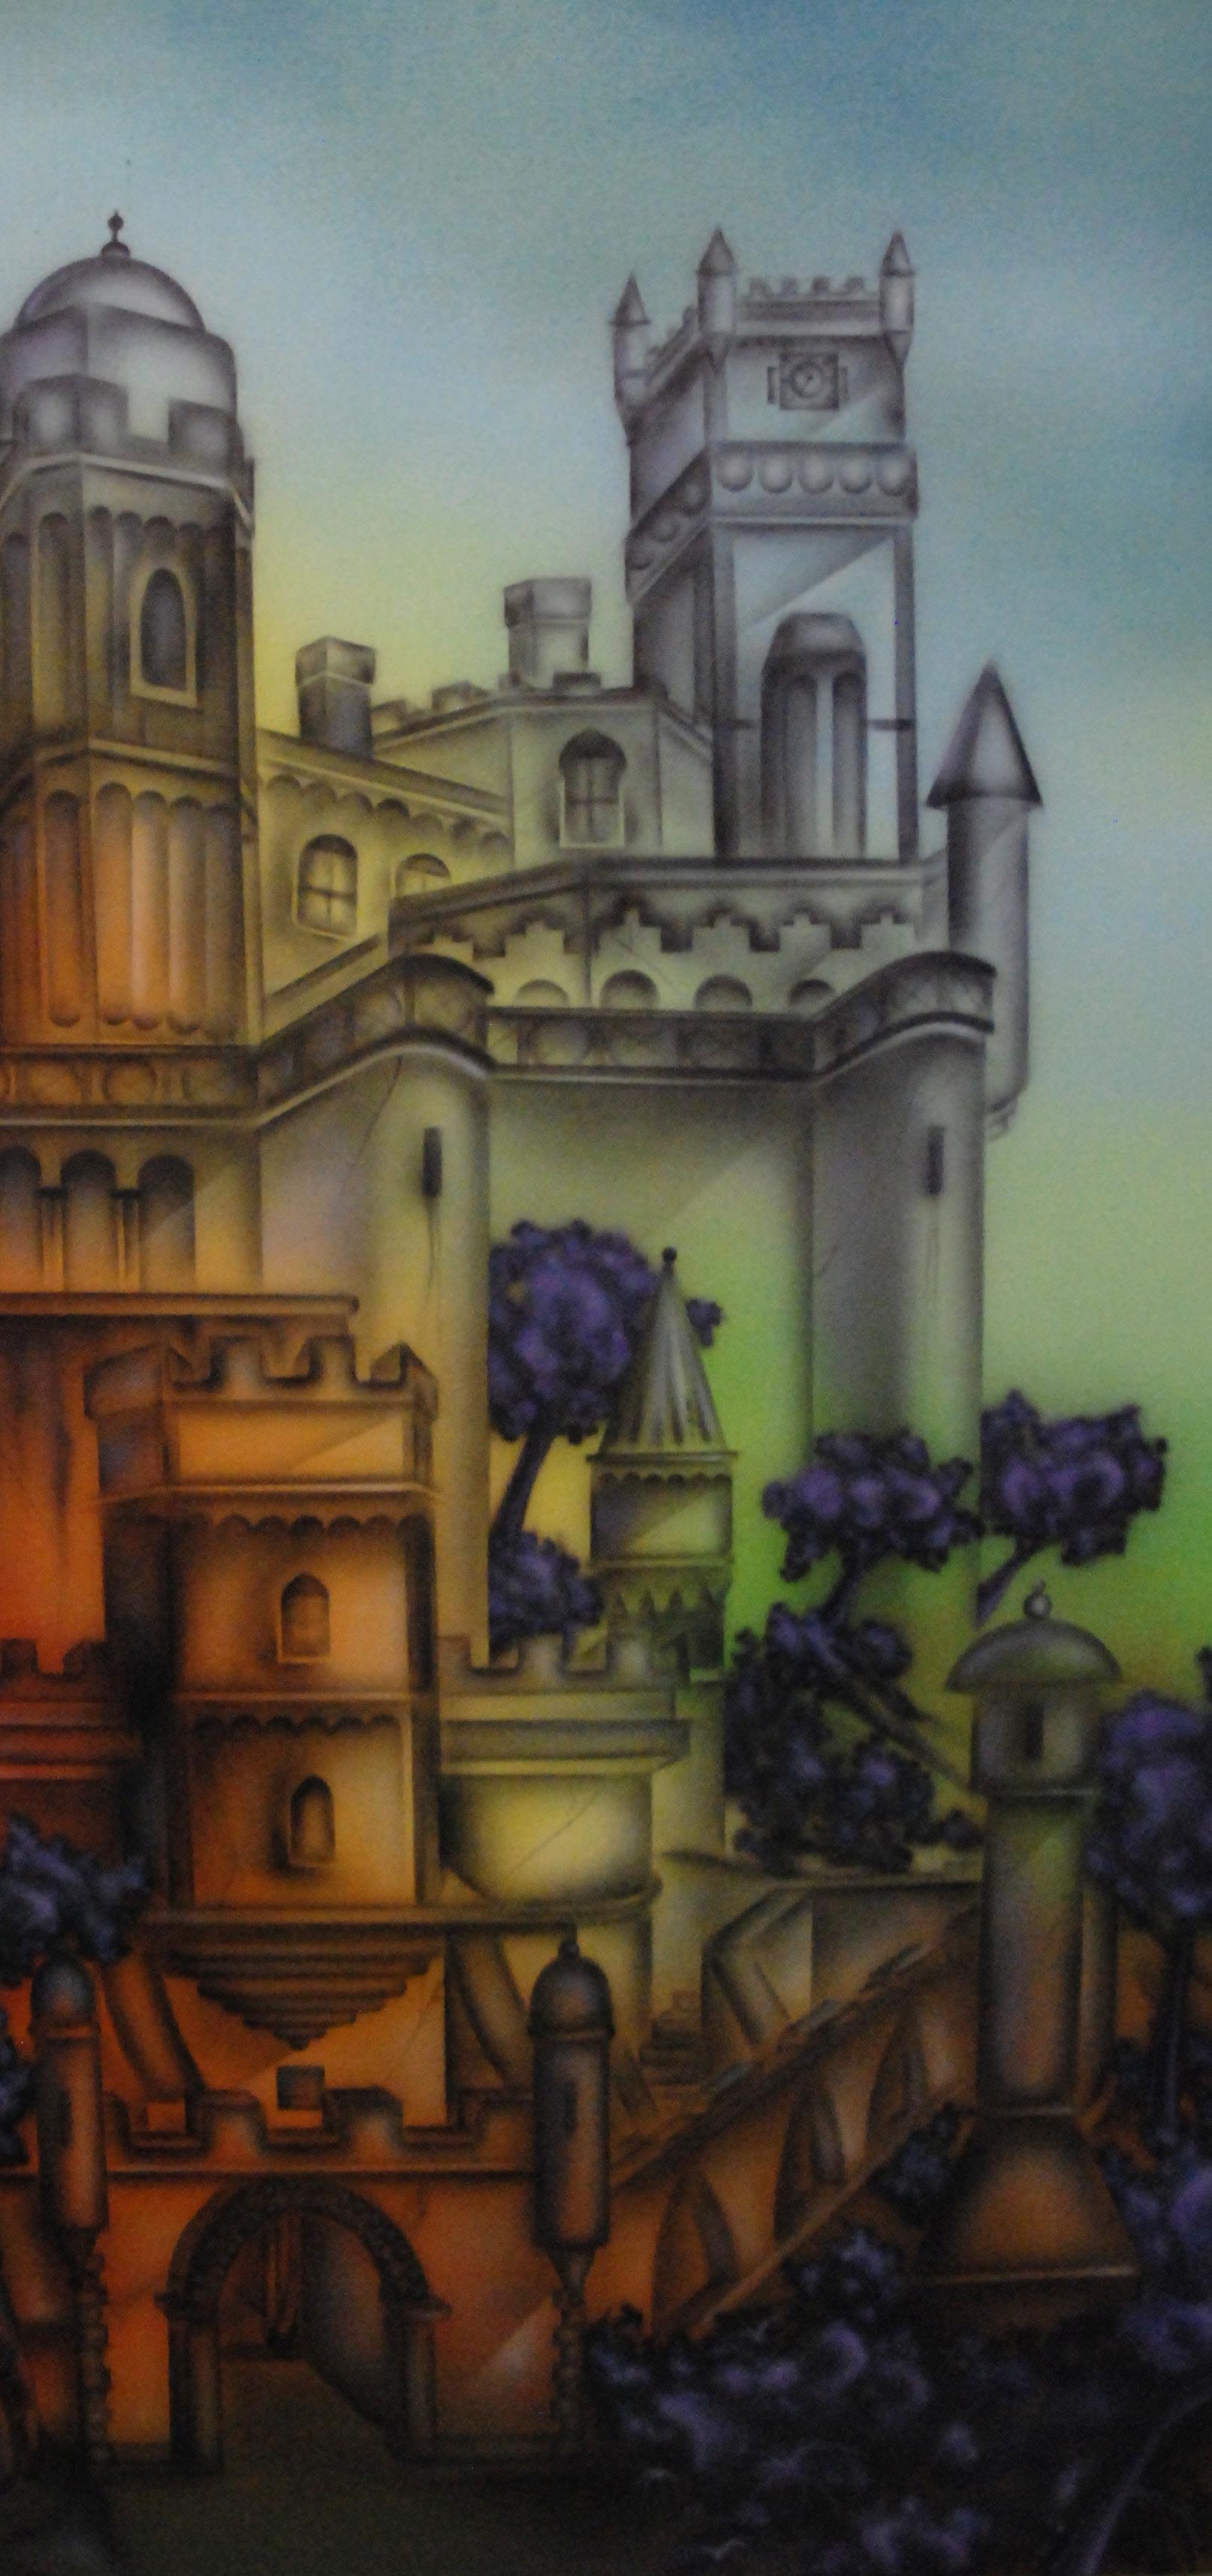 zek castle